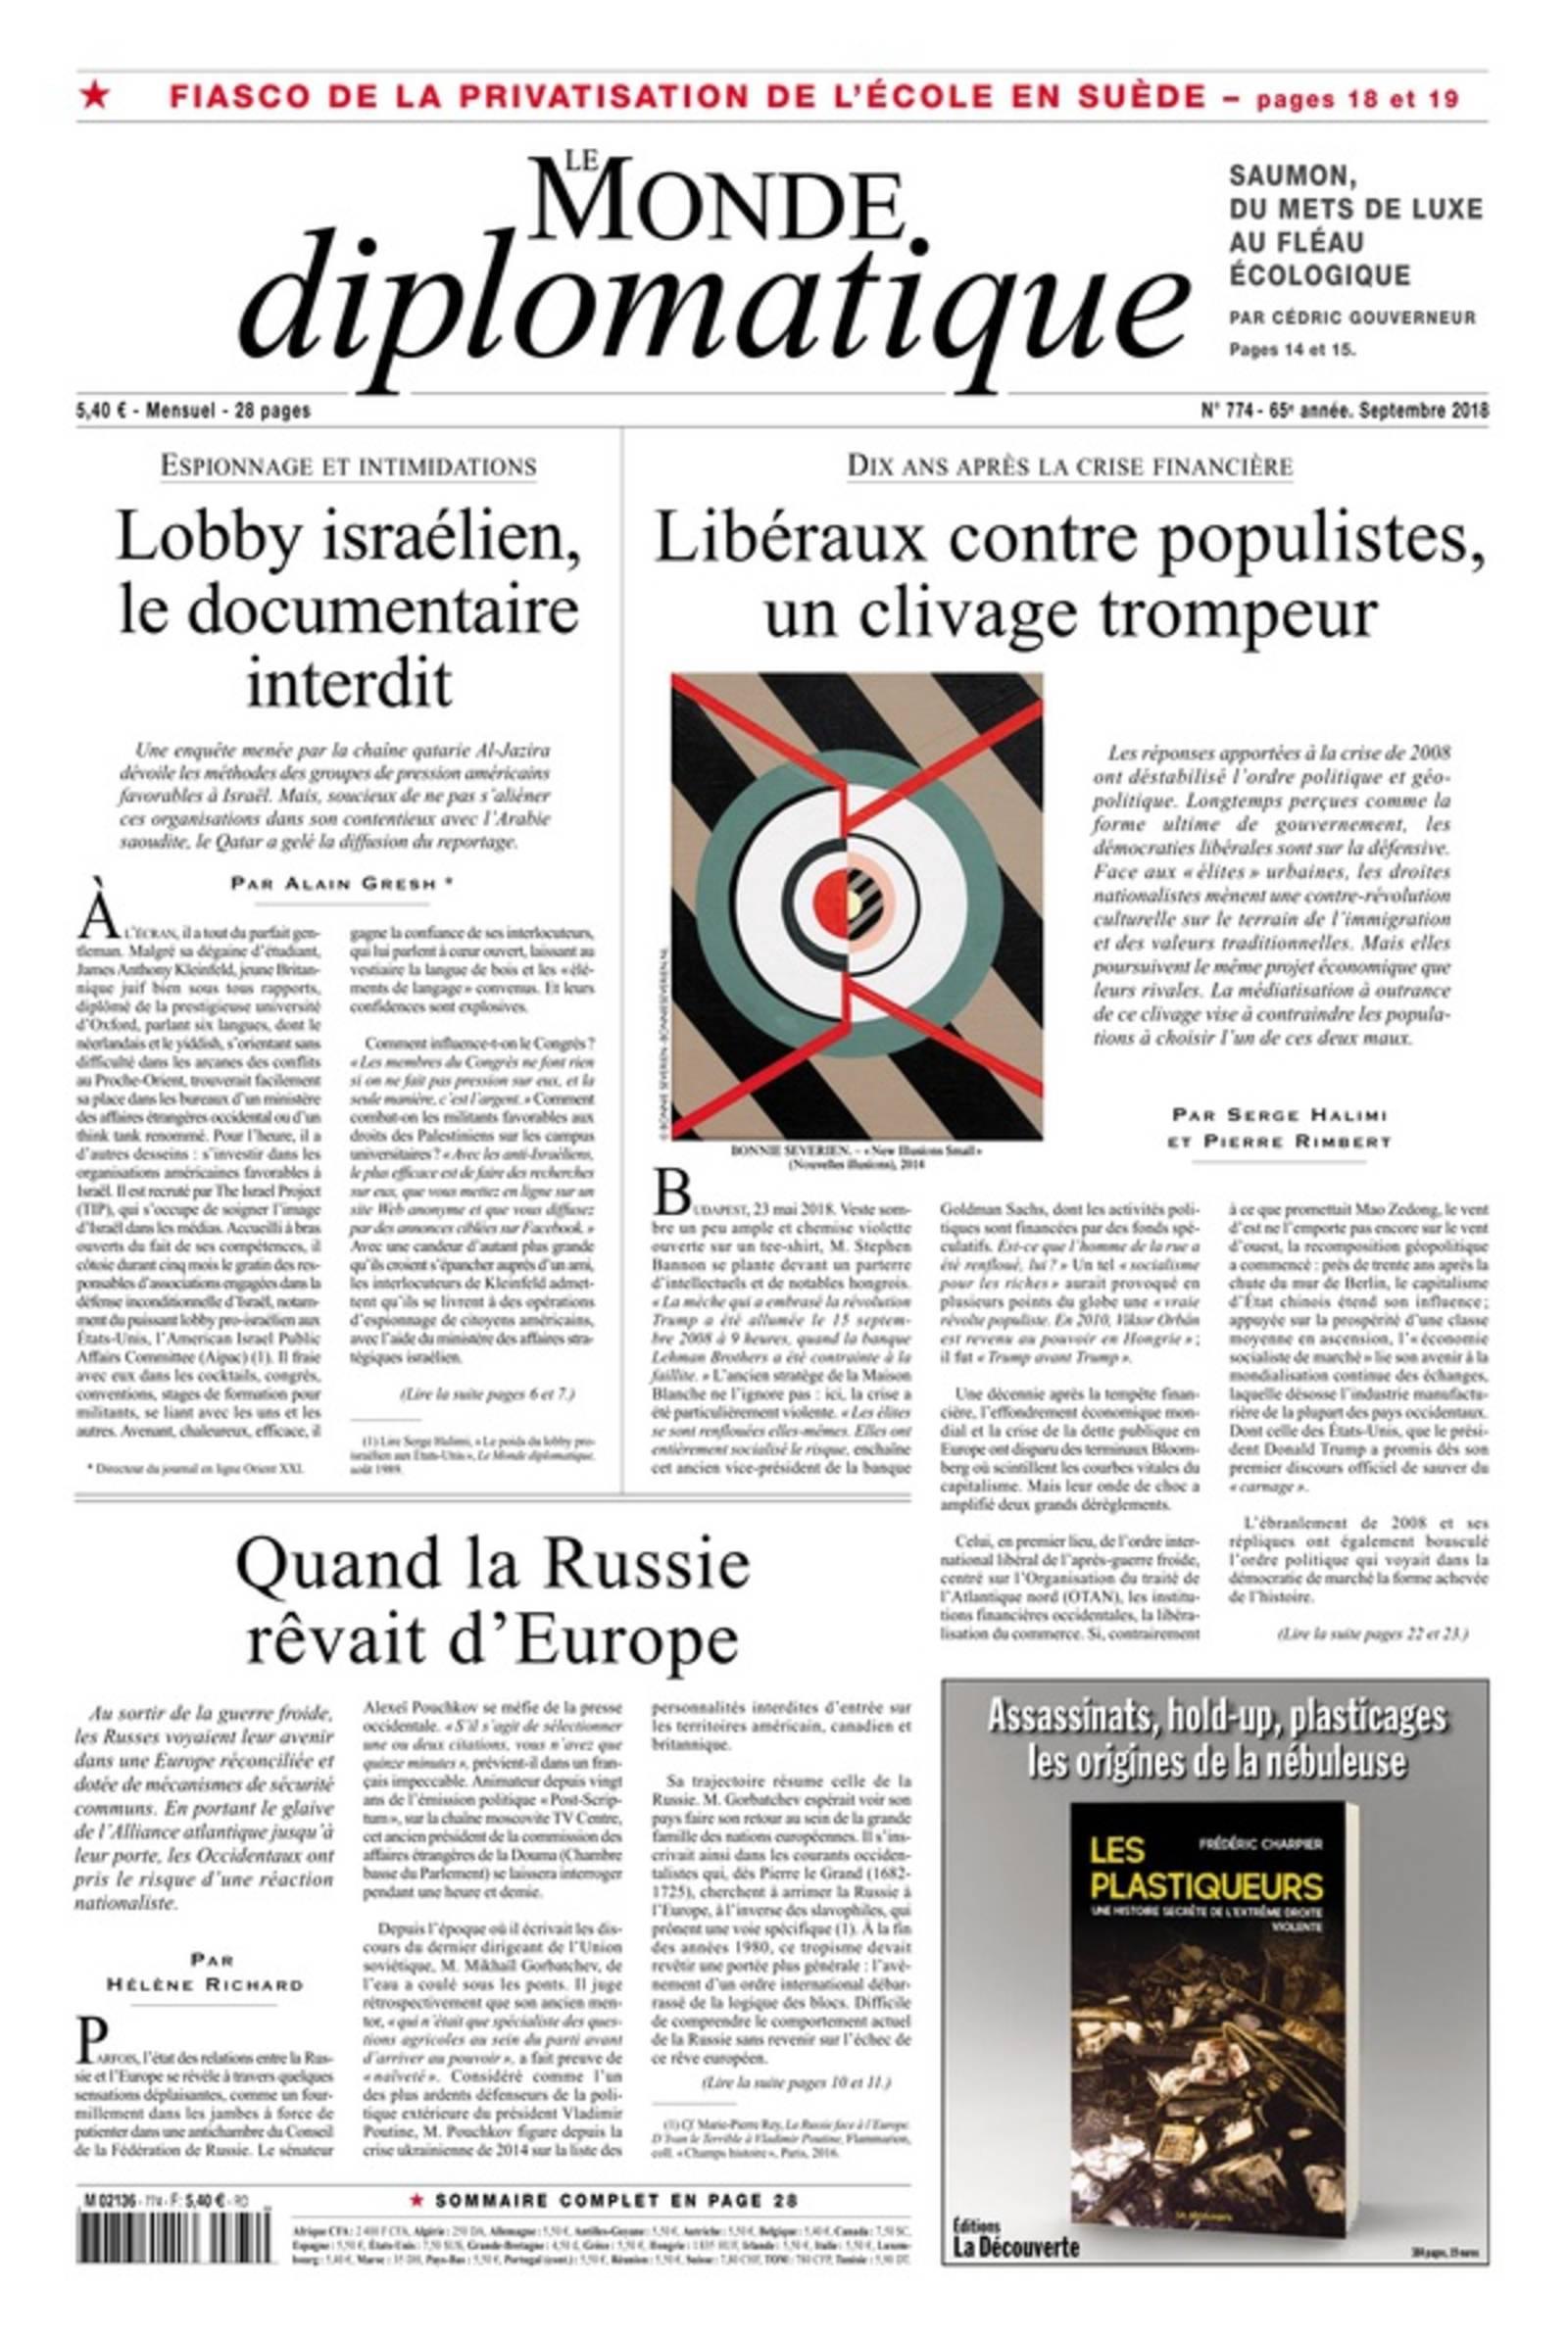 Publication in Le Monde Newspaper, Paris France